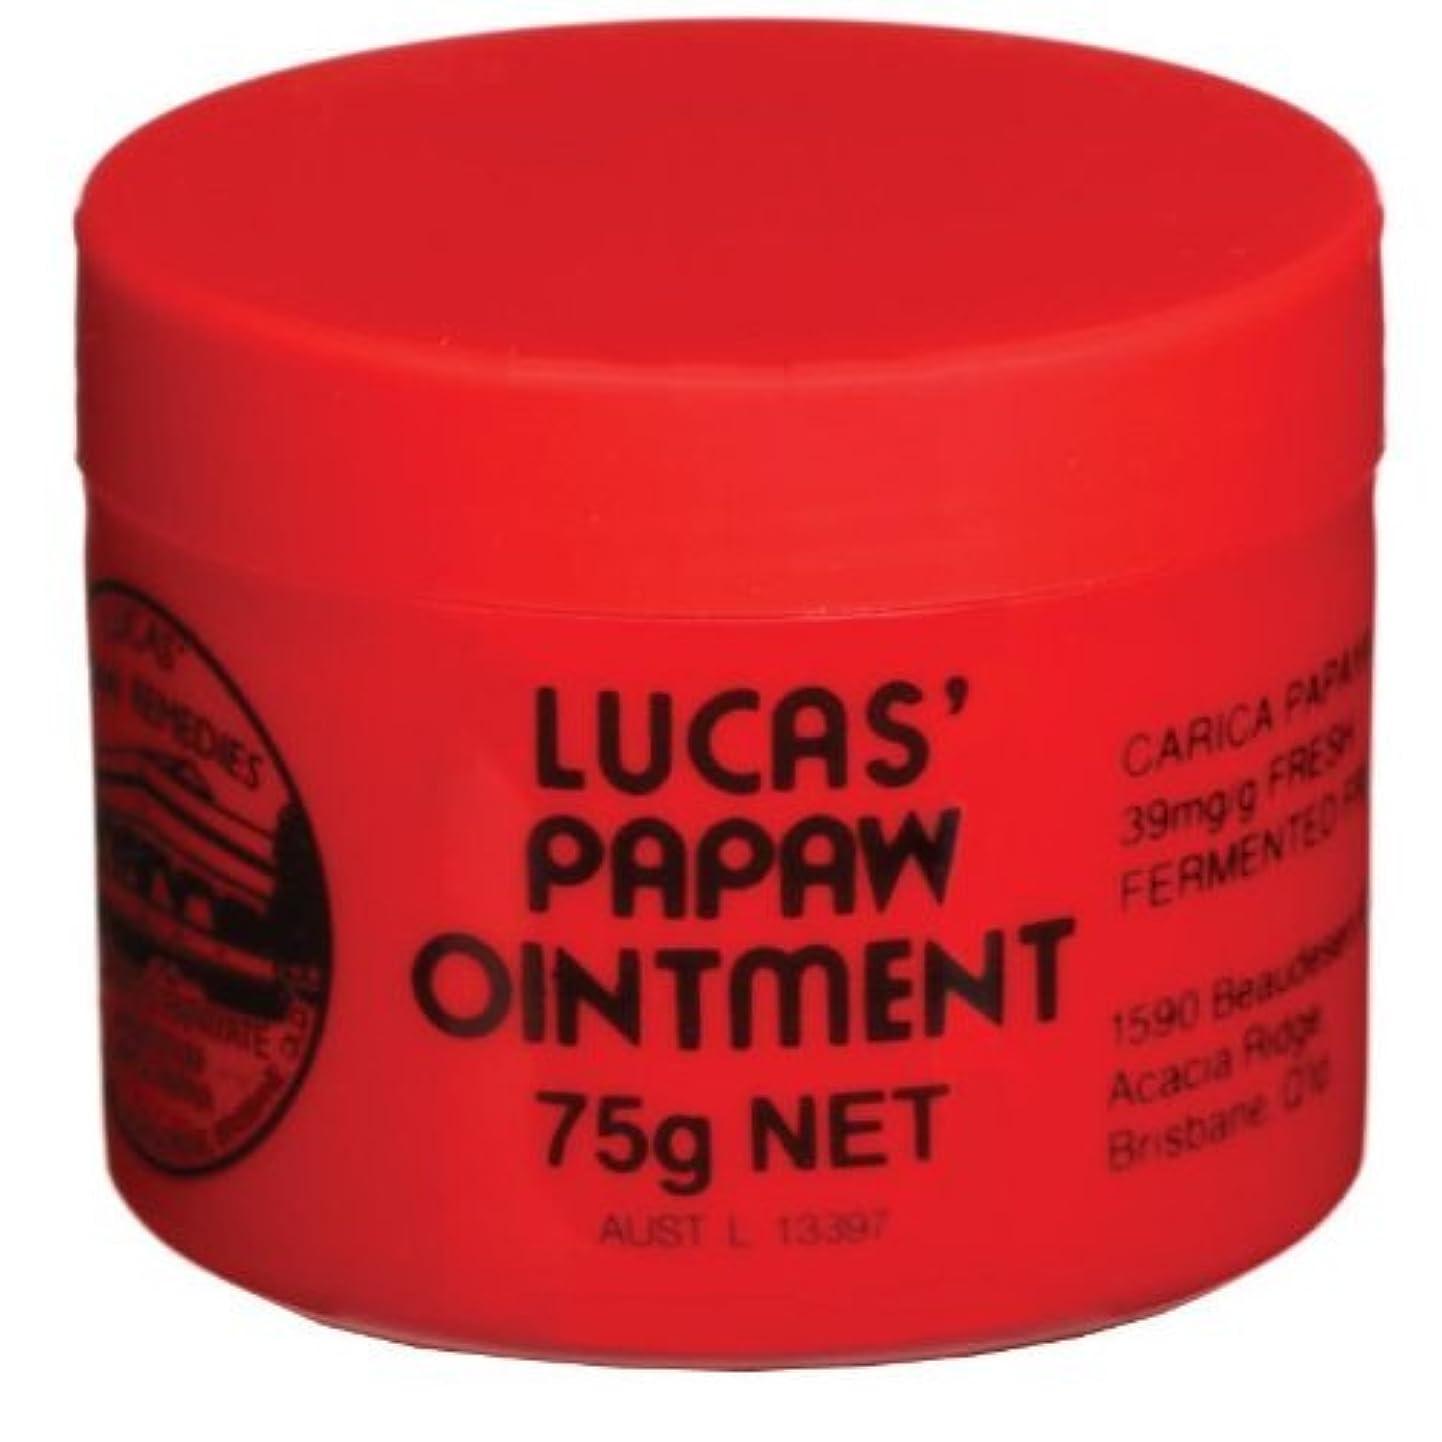 促進する降臨教[Lucas' Papaw Ointment] ルーカスポーポークリーム 75g